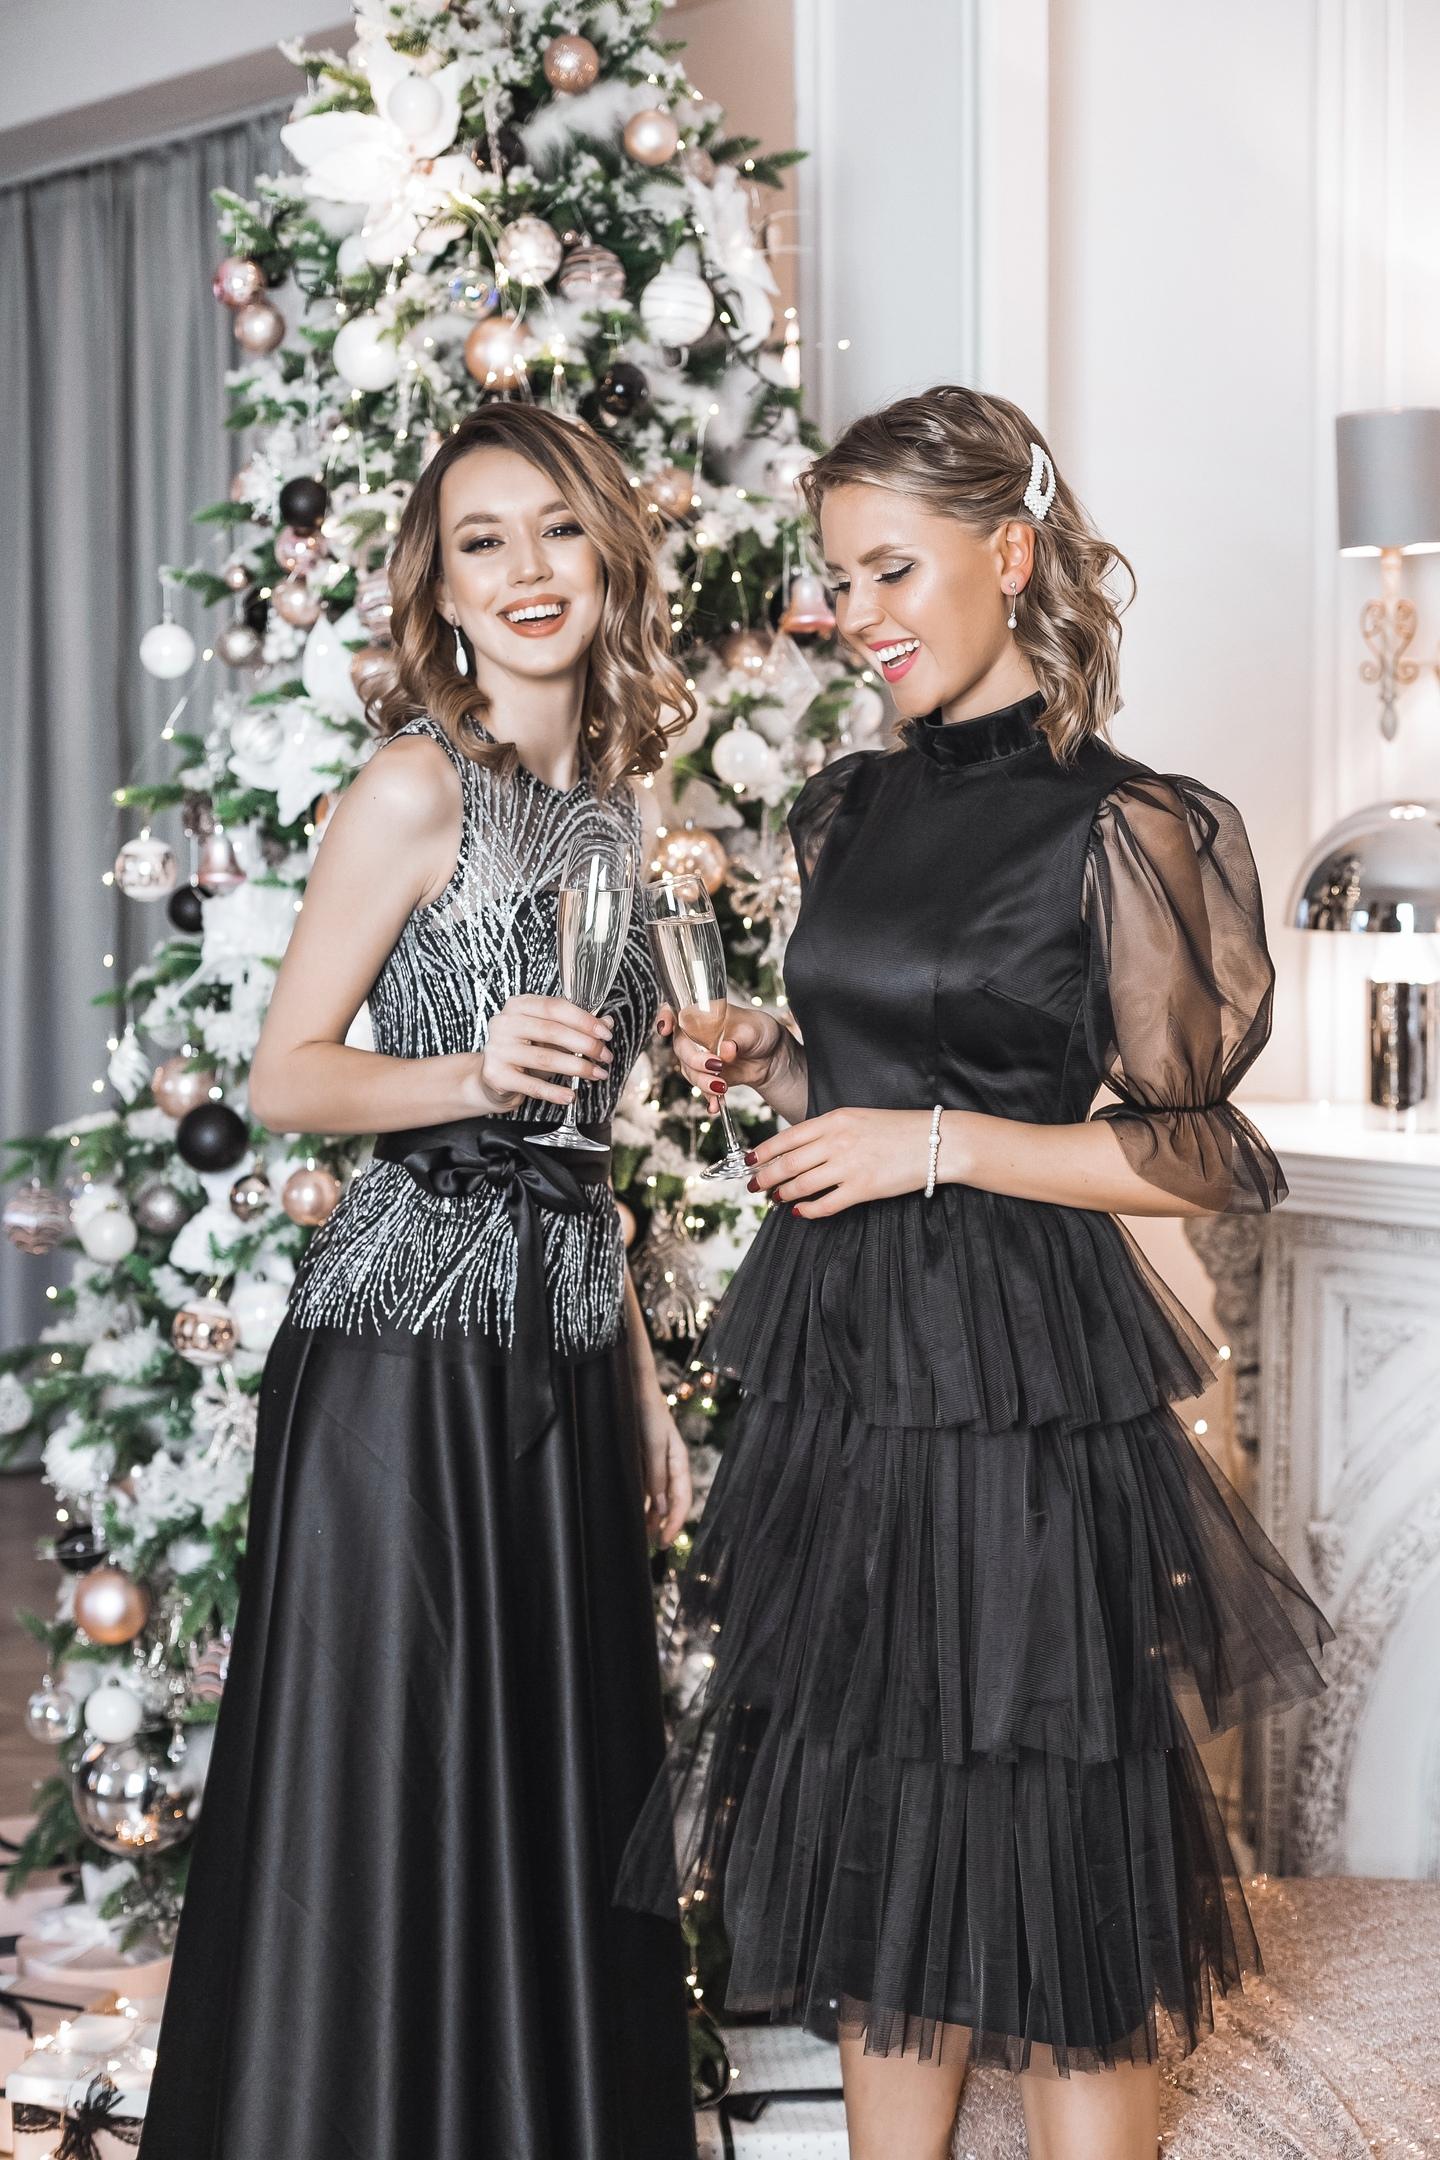 КОНКУРС «Хочу подарить себе платье»